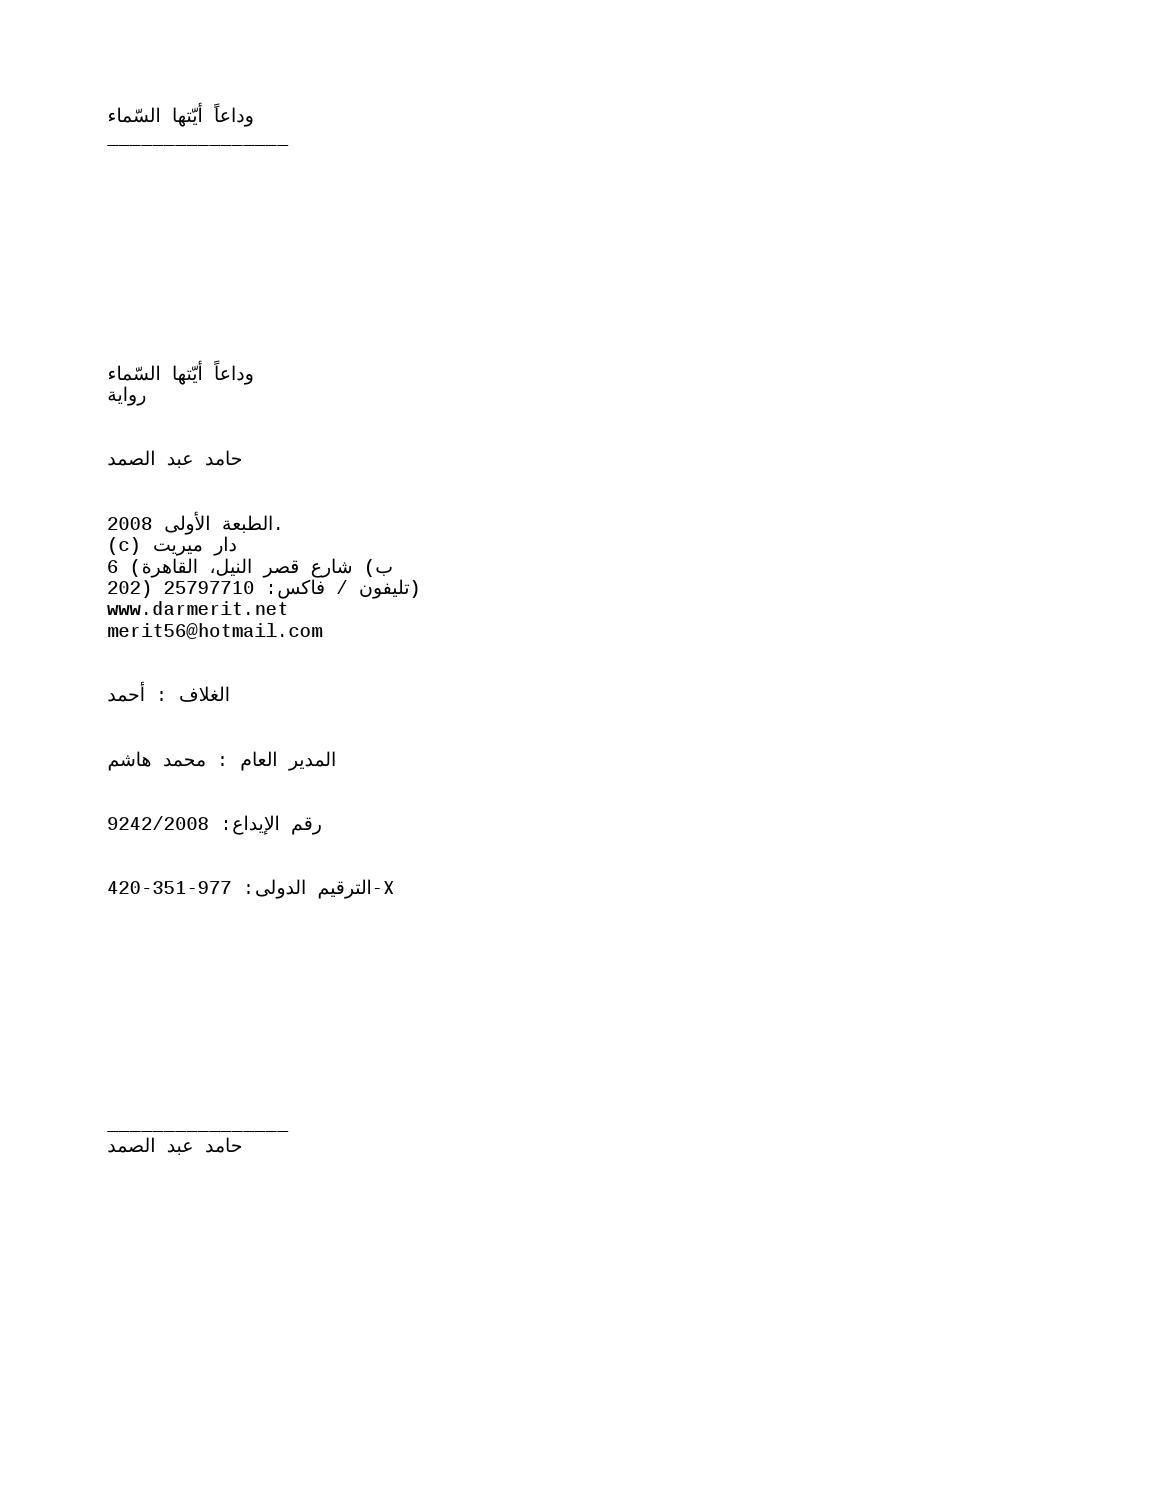 0a00a899fffe7 وداعا ايتها السماء - حامد عبد الصمد by Joey Bravo - issuu